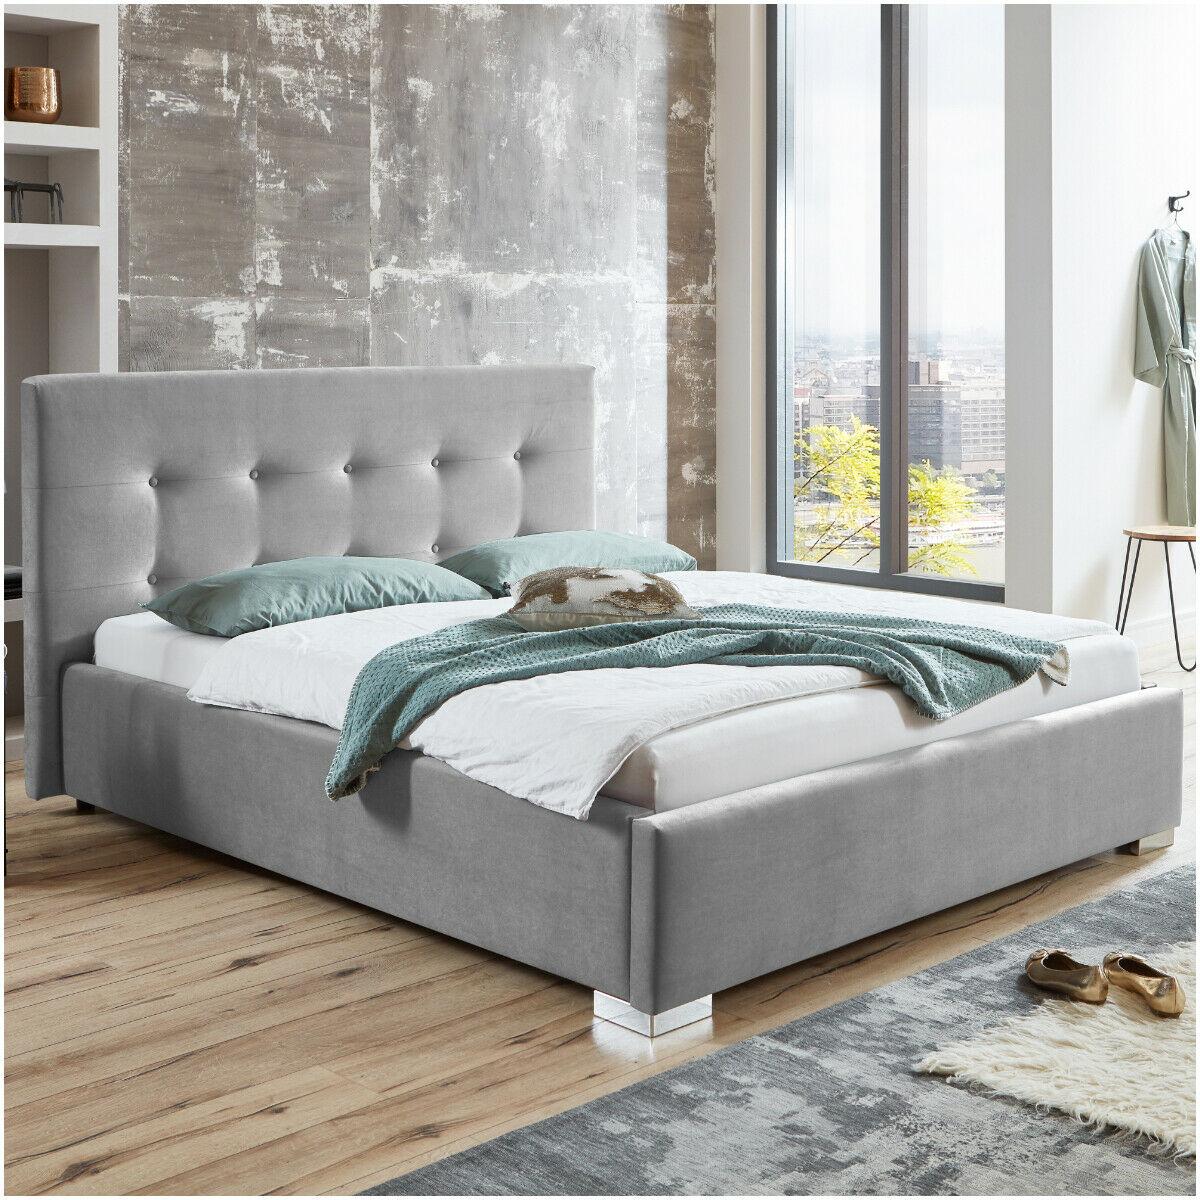 Full Size of Bett 160x200 Holz Mit Lattenrost Und Matratze Gebraucht Kaufen Welches 160 Oder 180 Breite Stauraum X 220 Cm Vs Tagesdecke Ikea Massivholz Komforthöhe Bett Bett 160